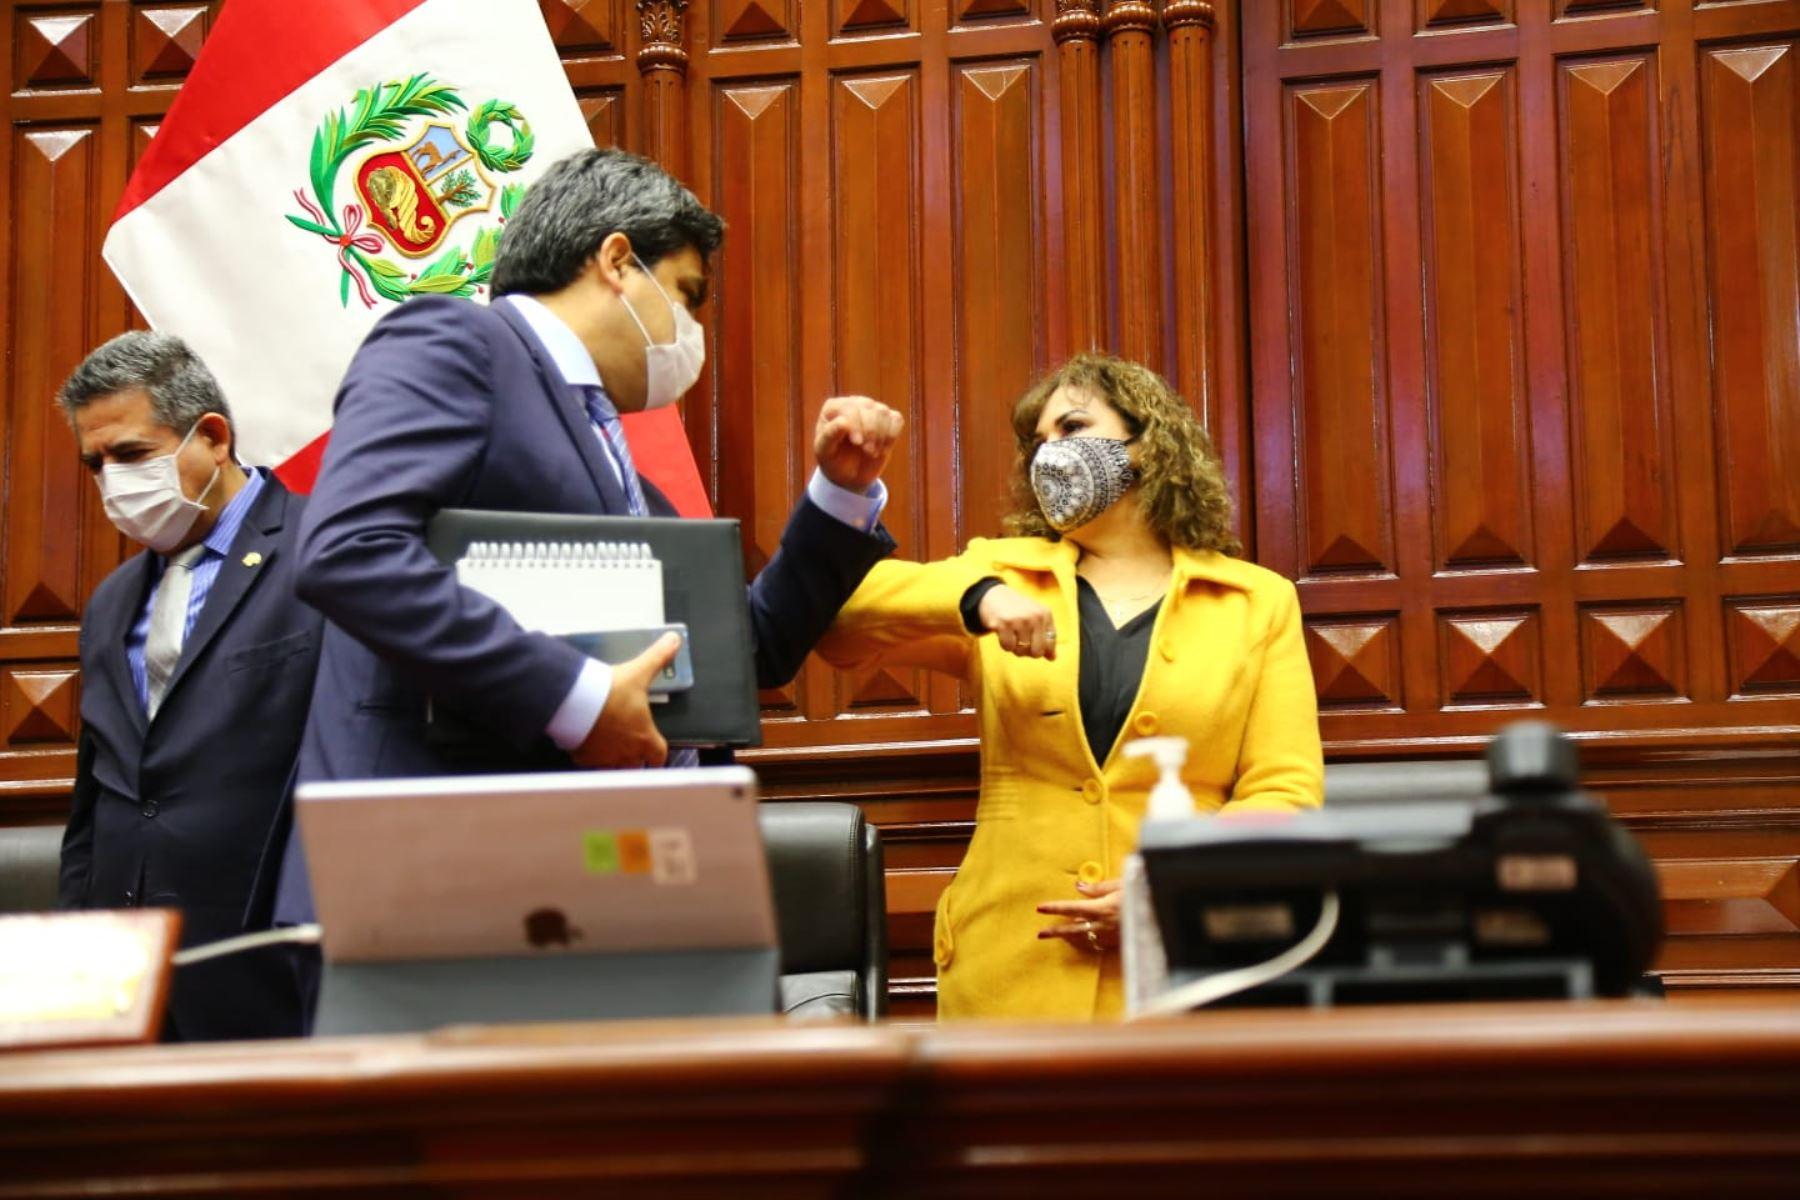 Ministro de Educación, Martín Benavides saluda a la tercera vicepresidenta del Congreso, María Teresa Cabrera Vega. Foto: Congreso de la República